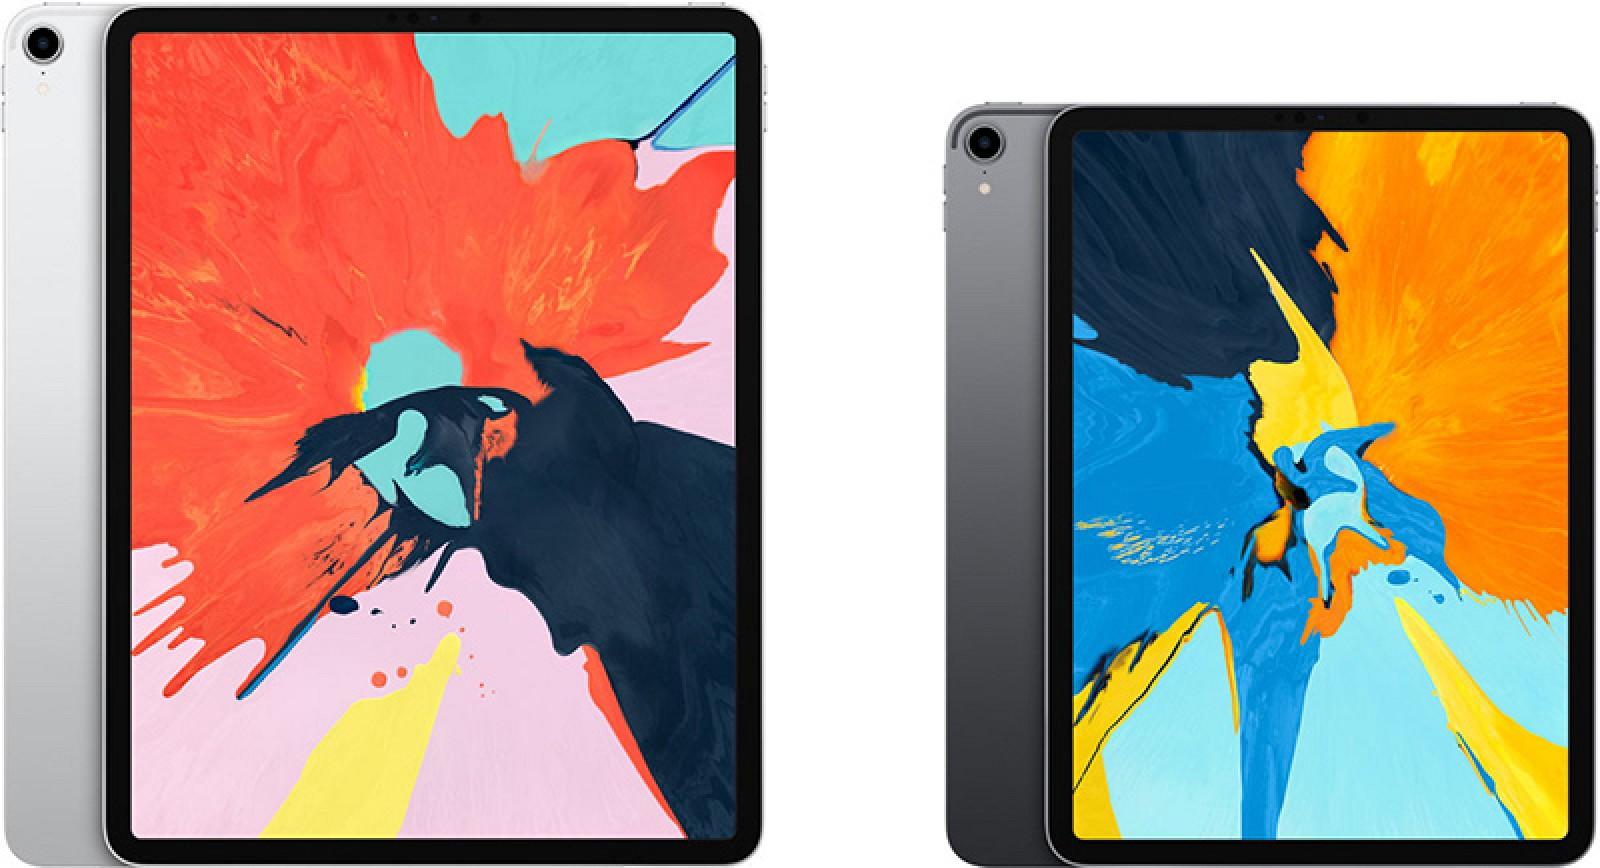 Ofertas destacadas: Amazon toma hasta $ 200 de descuento para los profesionales de iPad 2018 con los nuevos precios más bajos de la historia